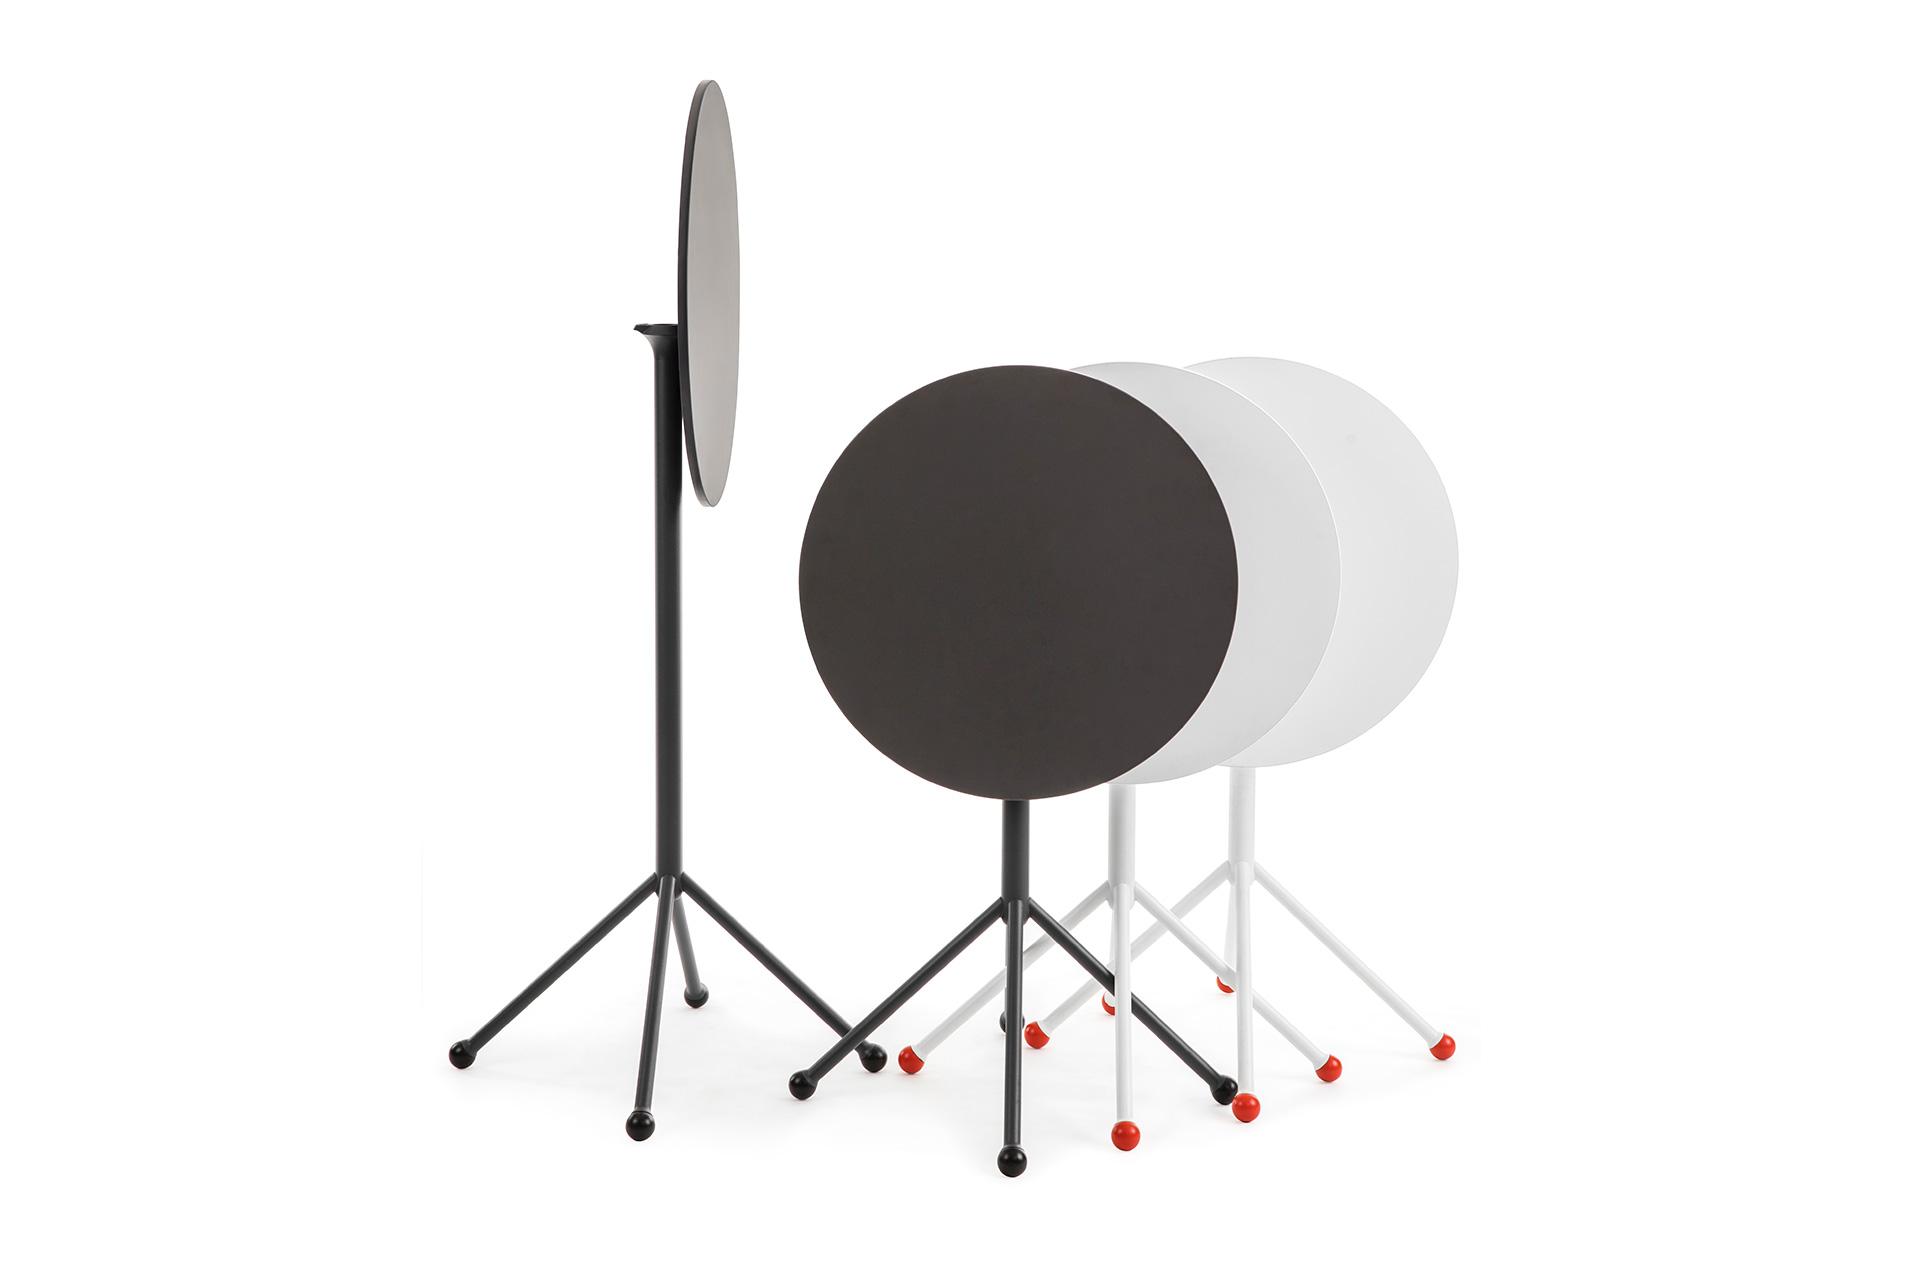 Omode-Schweiz-Moebel-Design-TIP-Mara-EVENT00003